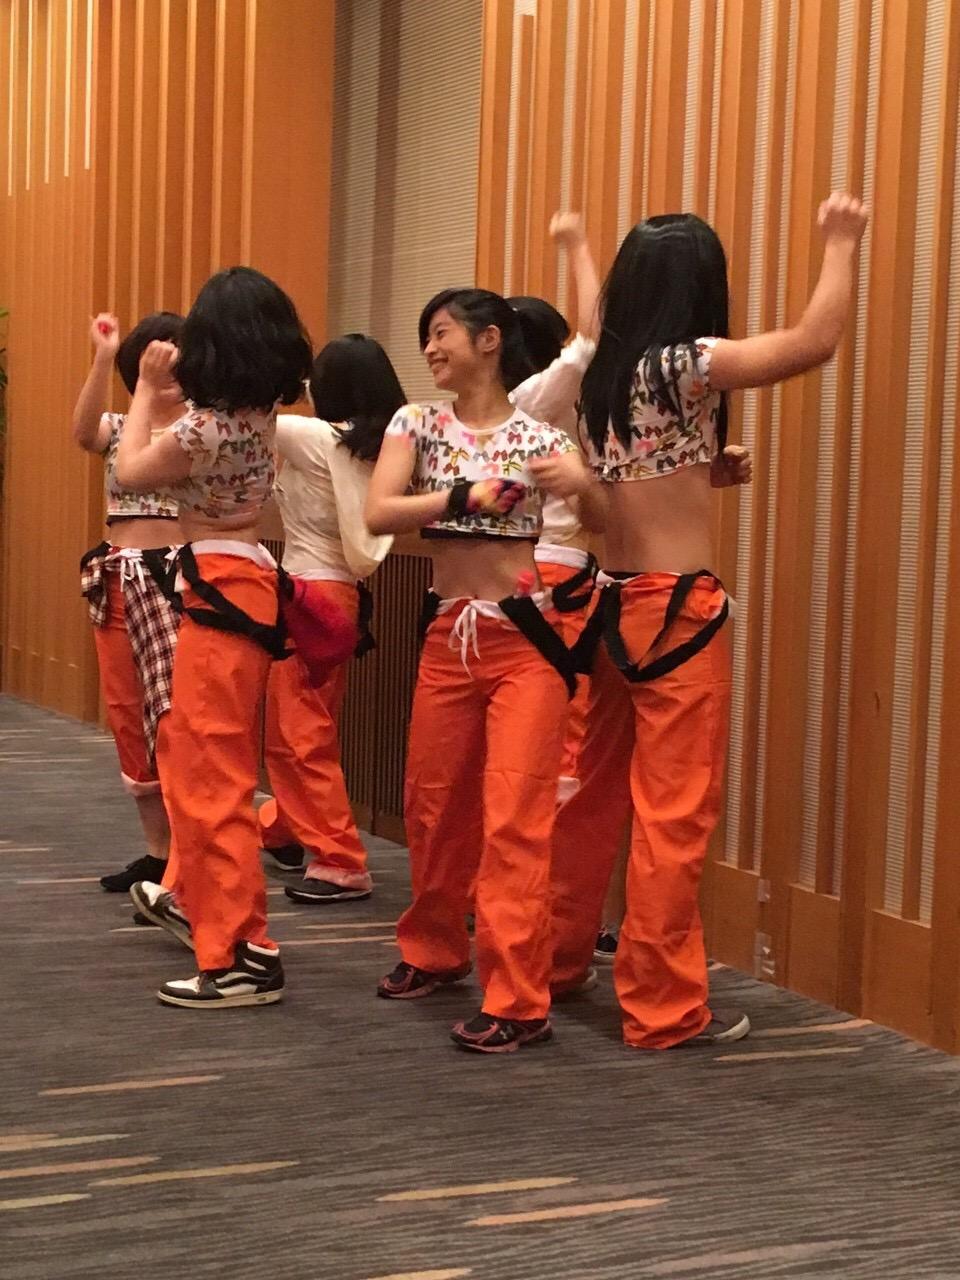 shimamura_bounenkai_04.JPG